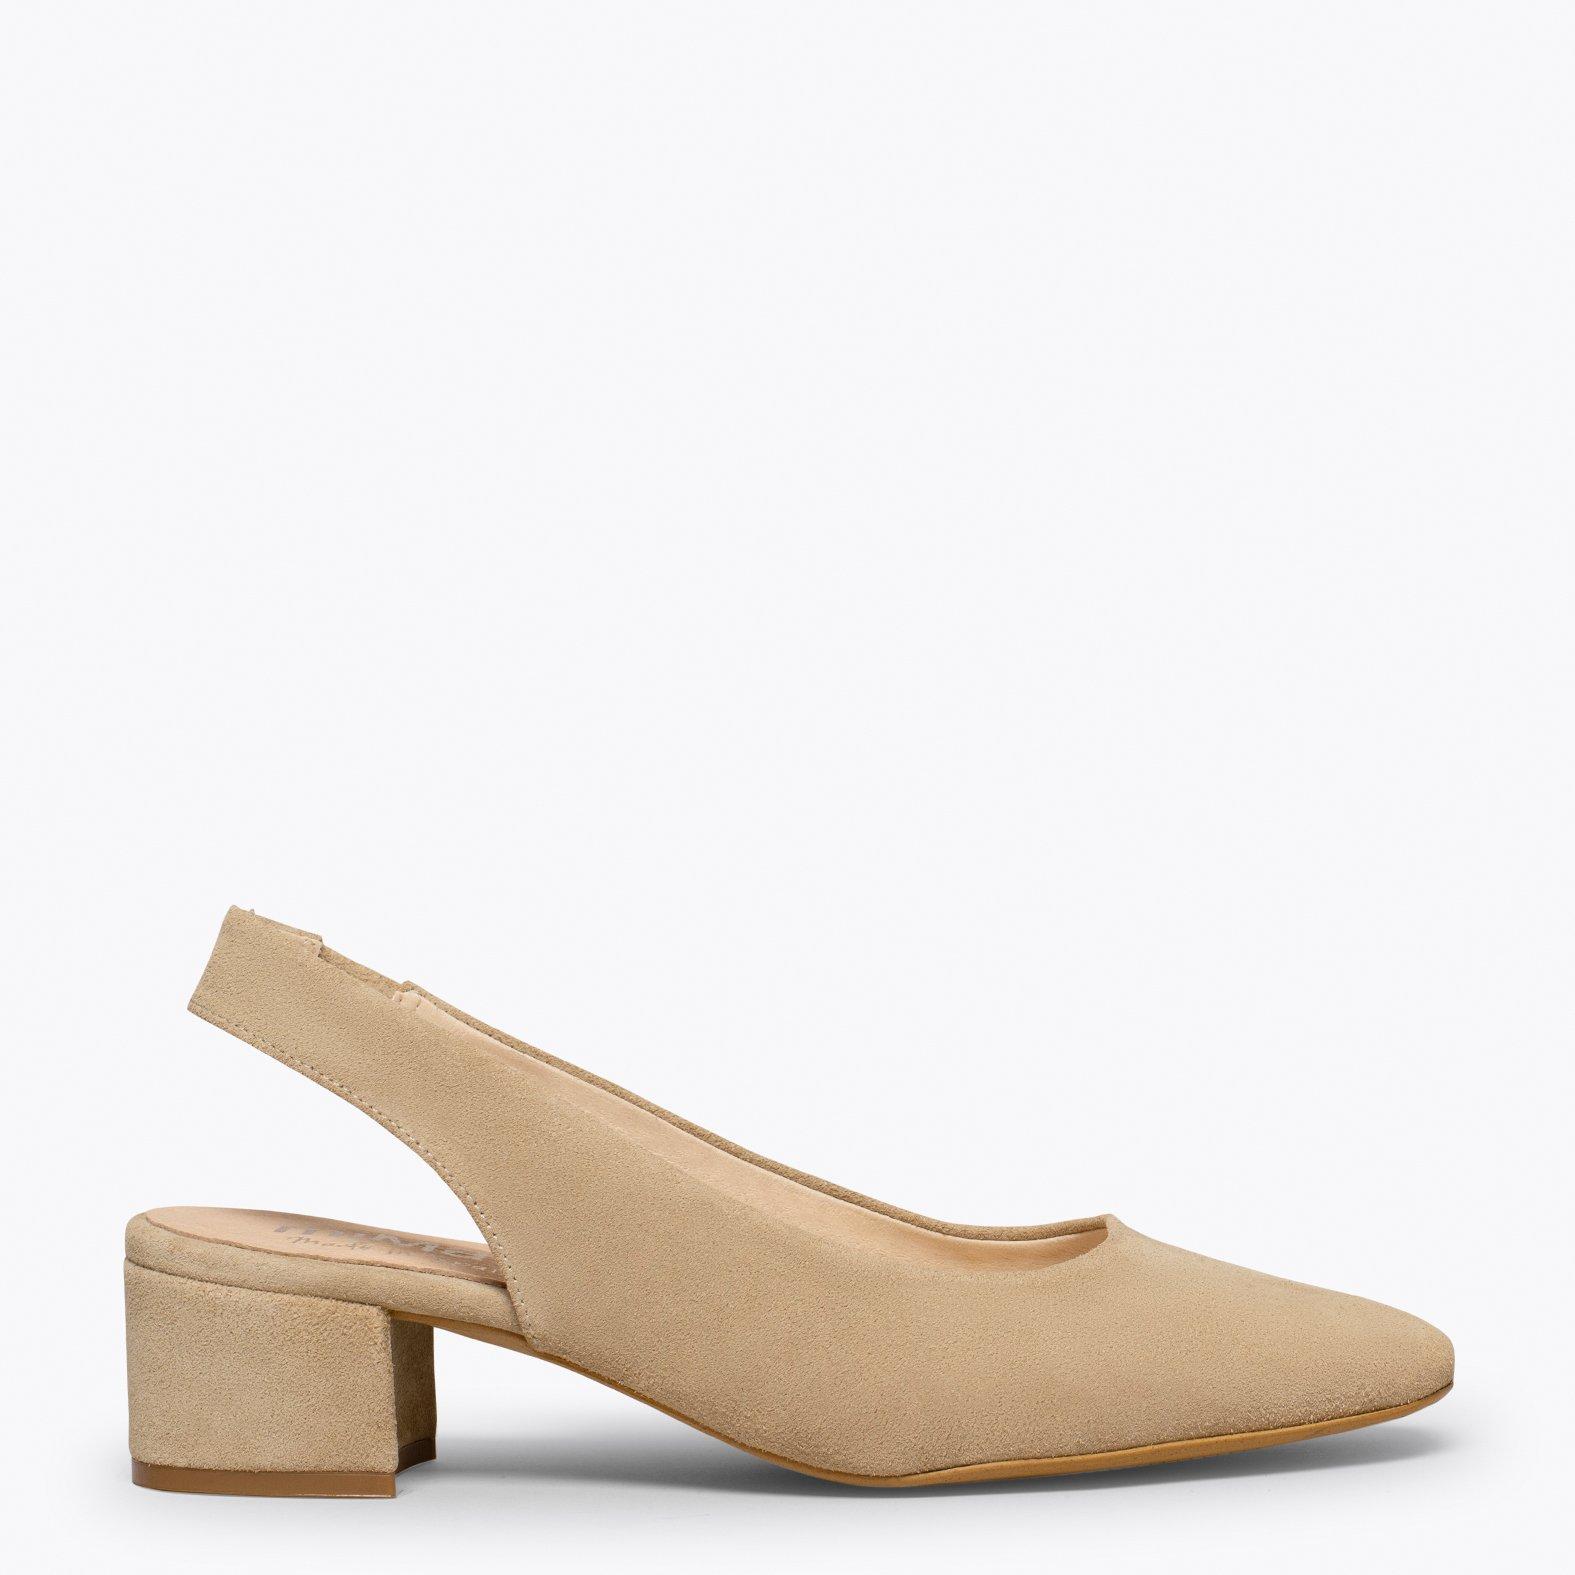 LADY Zapato destalonado con puntera cuadrada BEIG